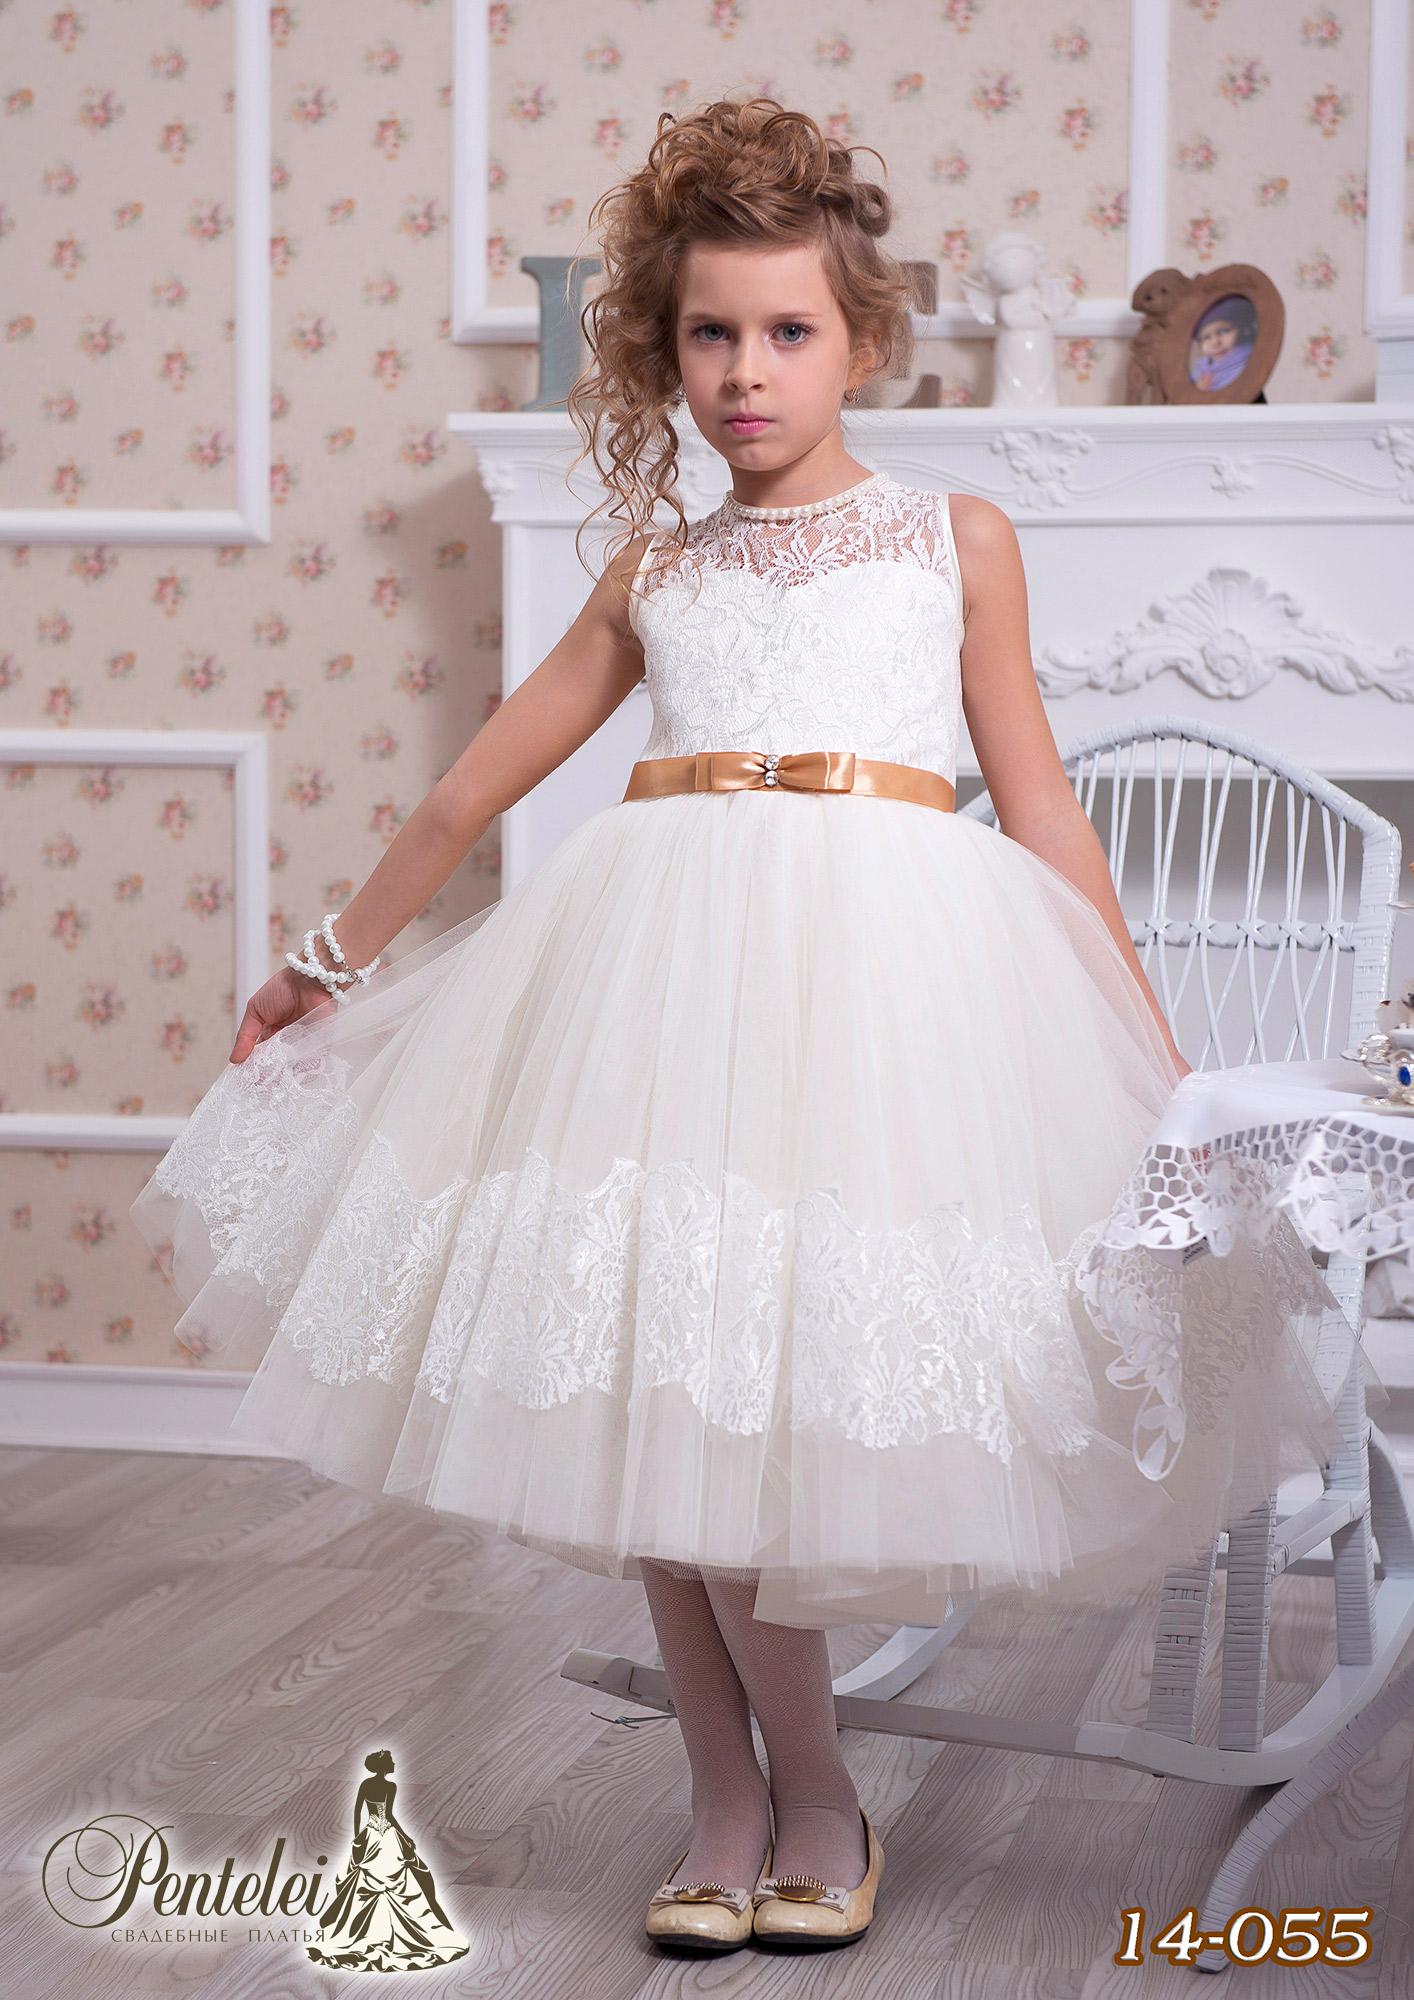 14-055 | Купити дитячі сукні оптом від Pentelei